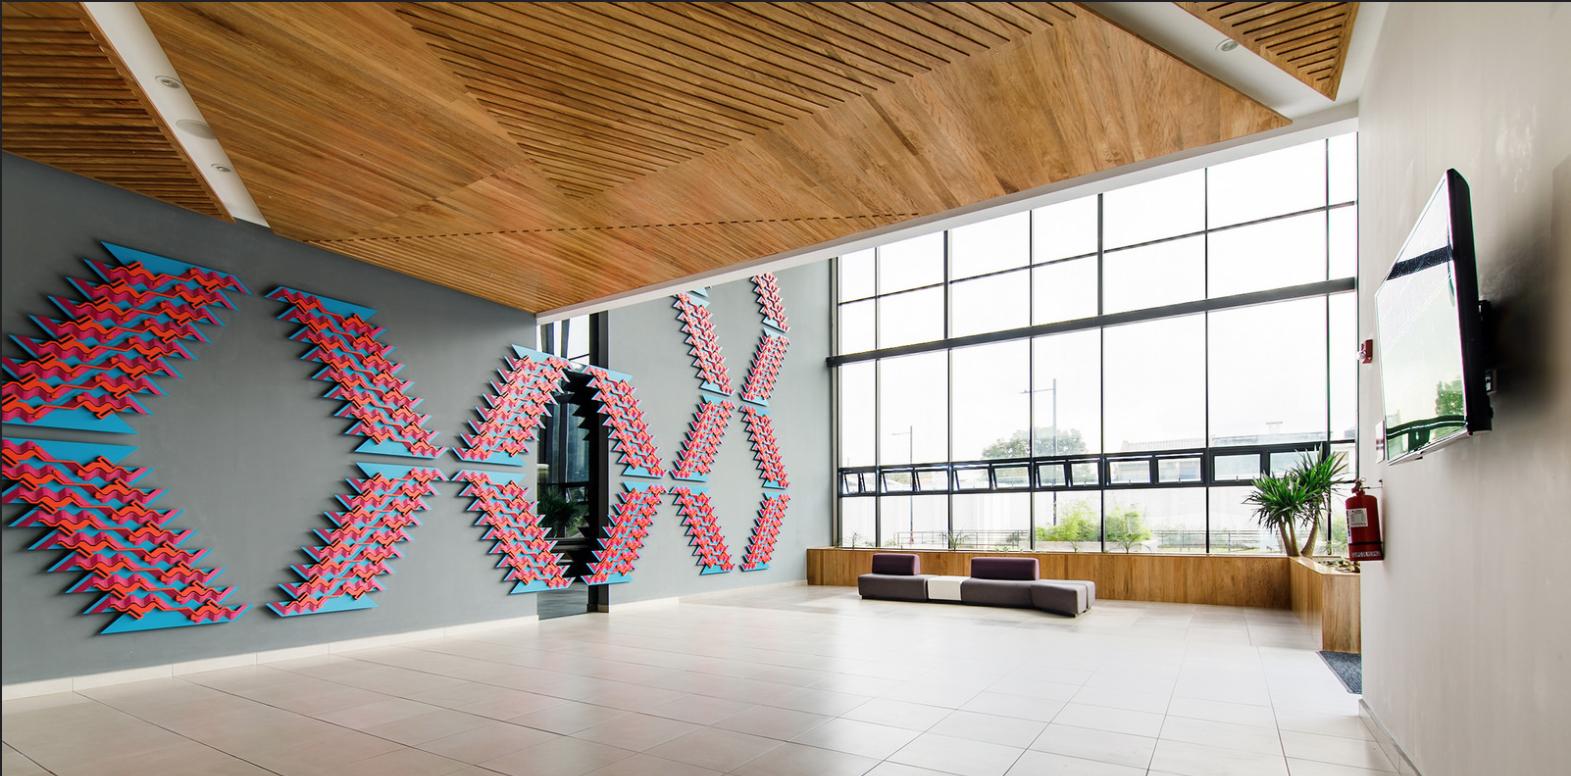 04 Fotografías AGEXPORT - Studio Domus WEB 12.jpg